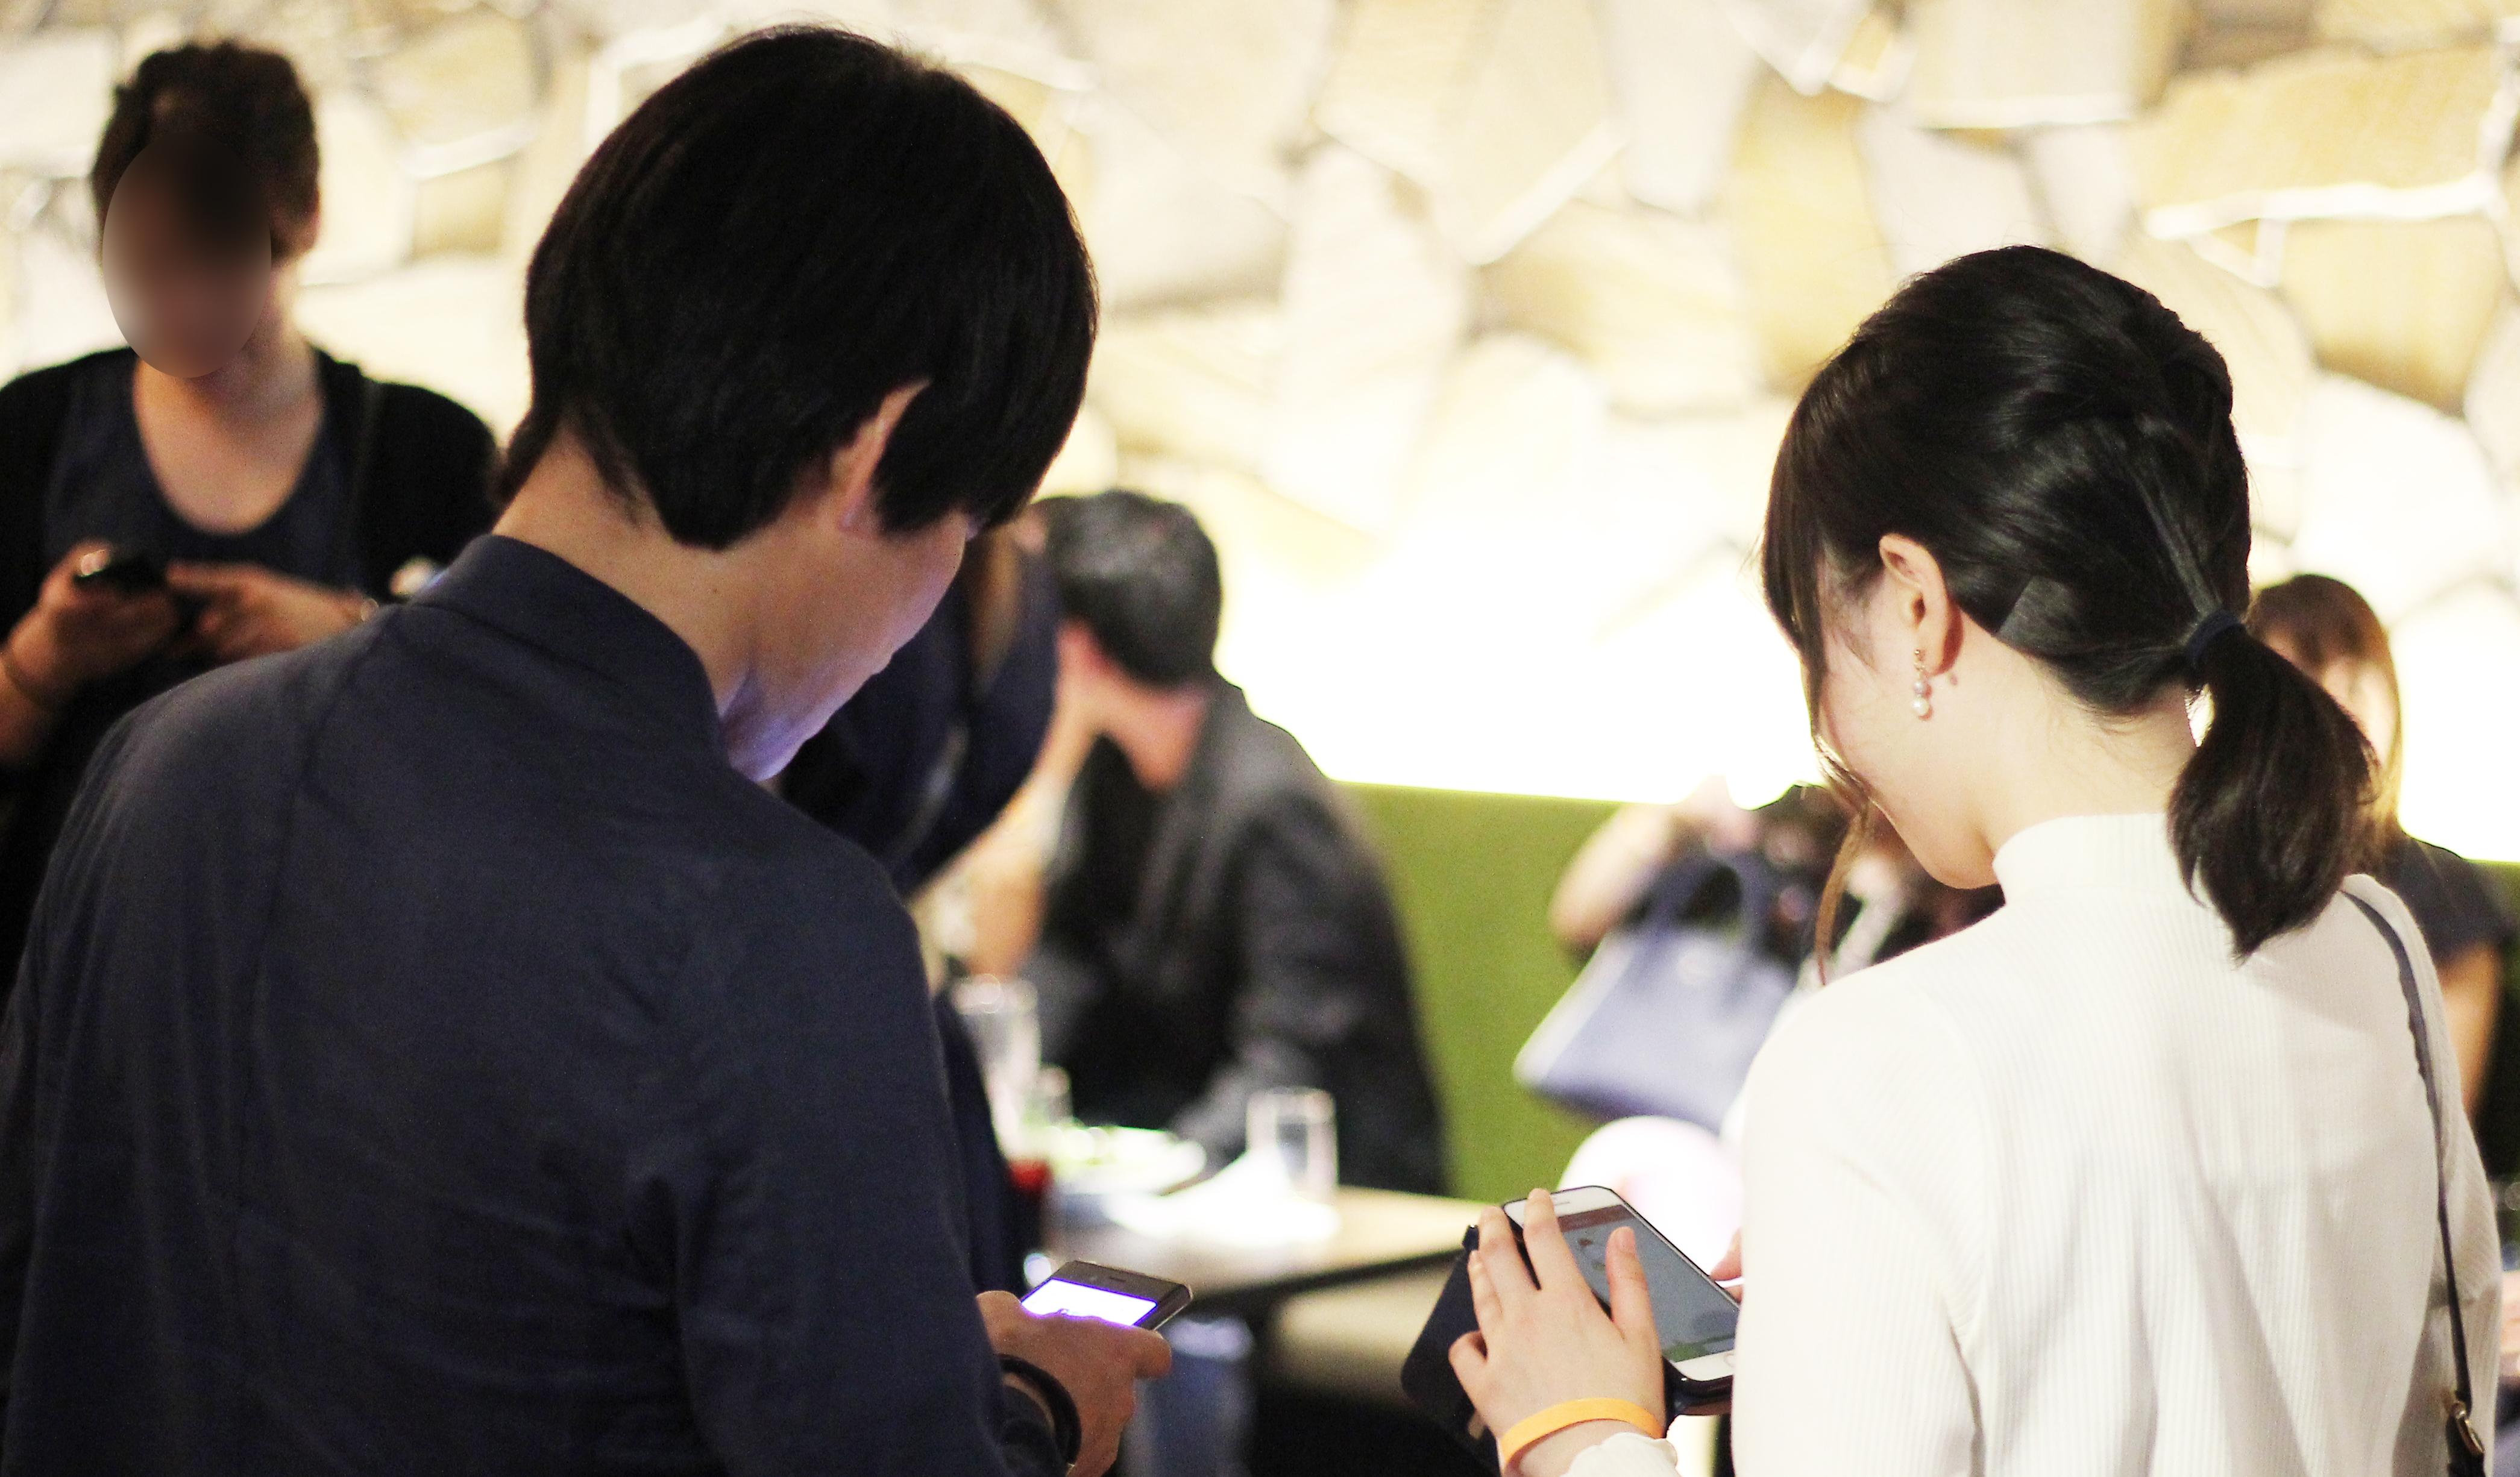 【京都】『HIKARI』にて婚活パーティー★ 1店舗型街コンで恋も気温もヒートアップ↑↑ サブ画像1